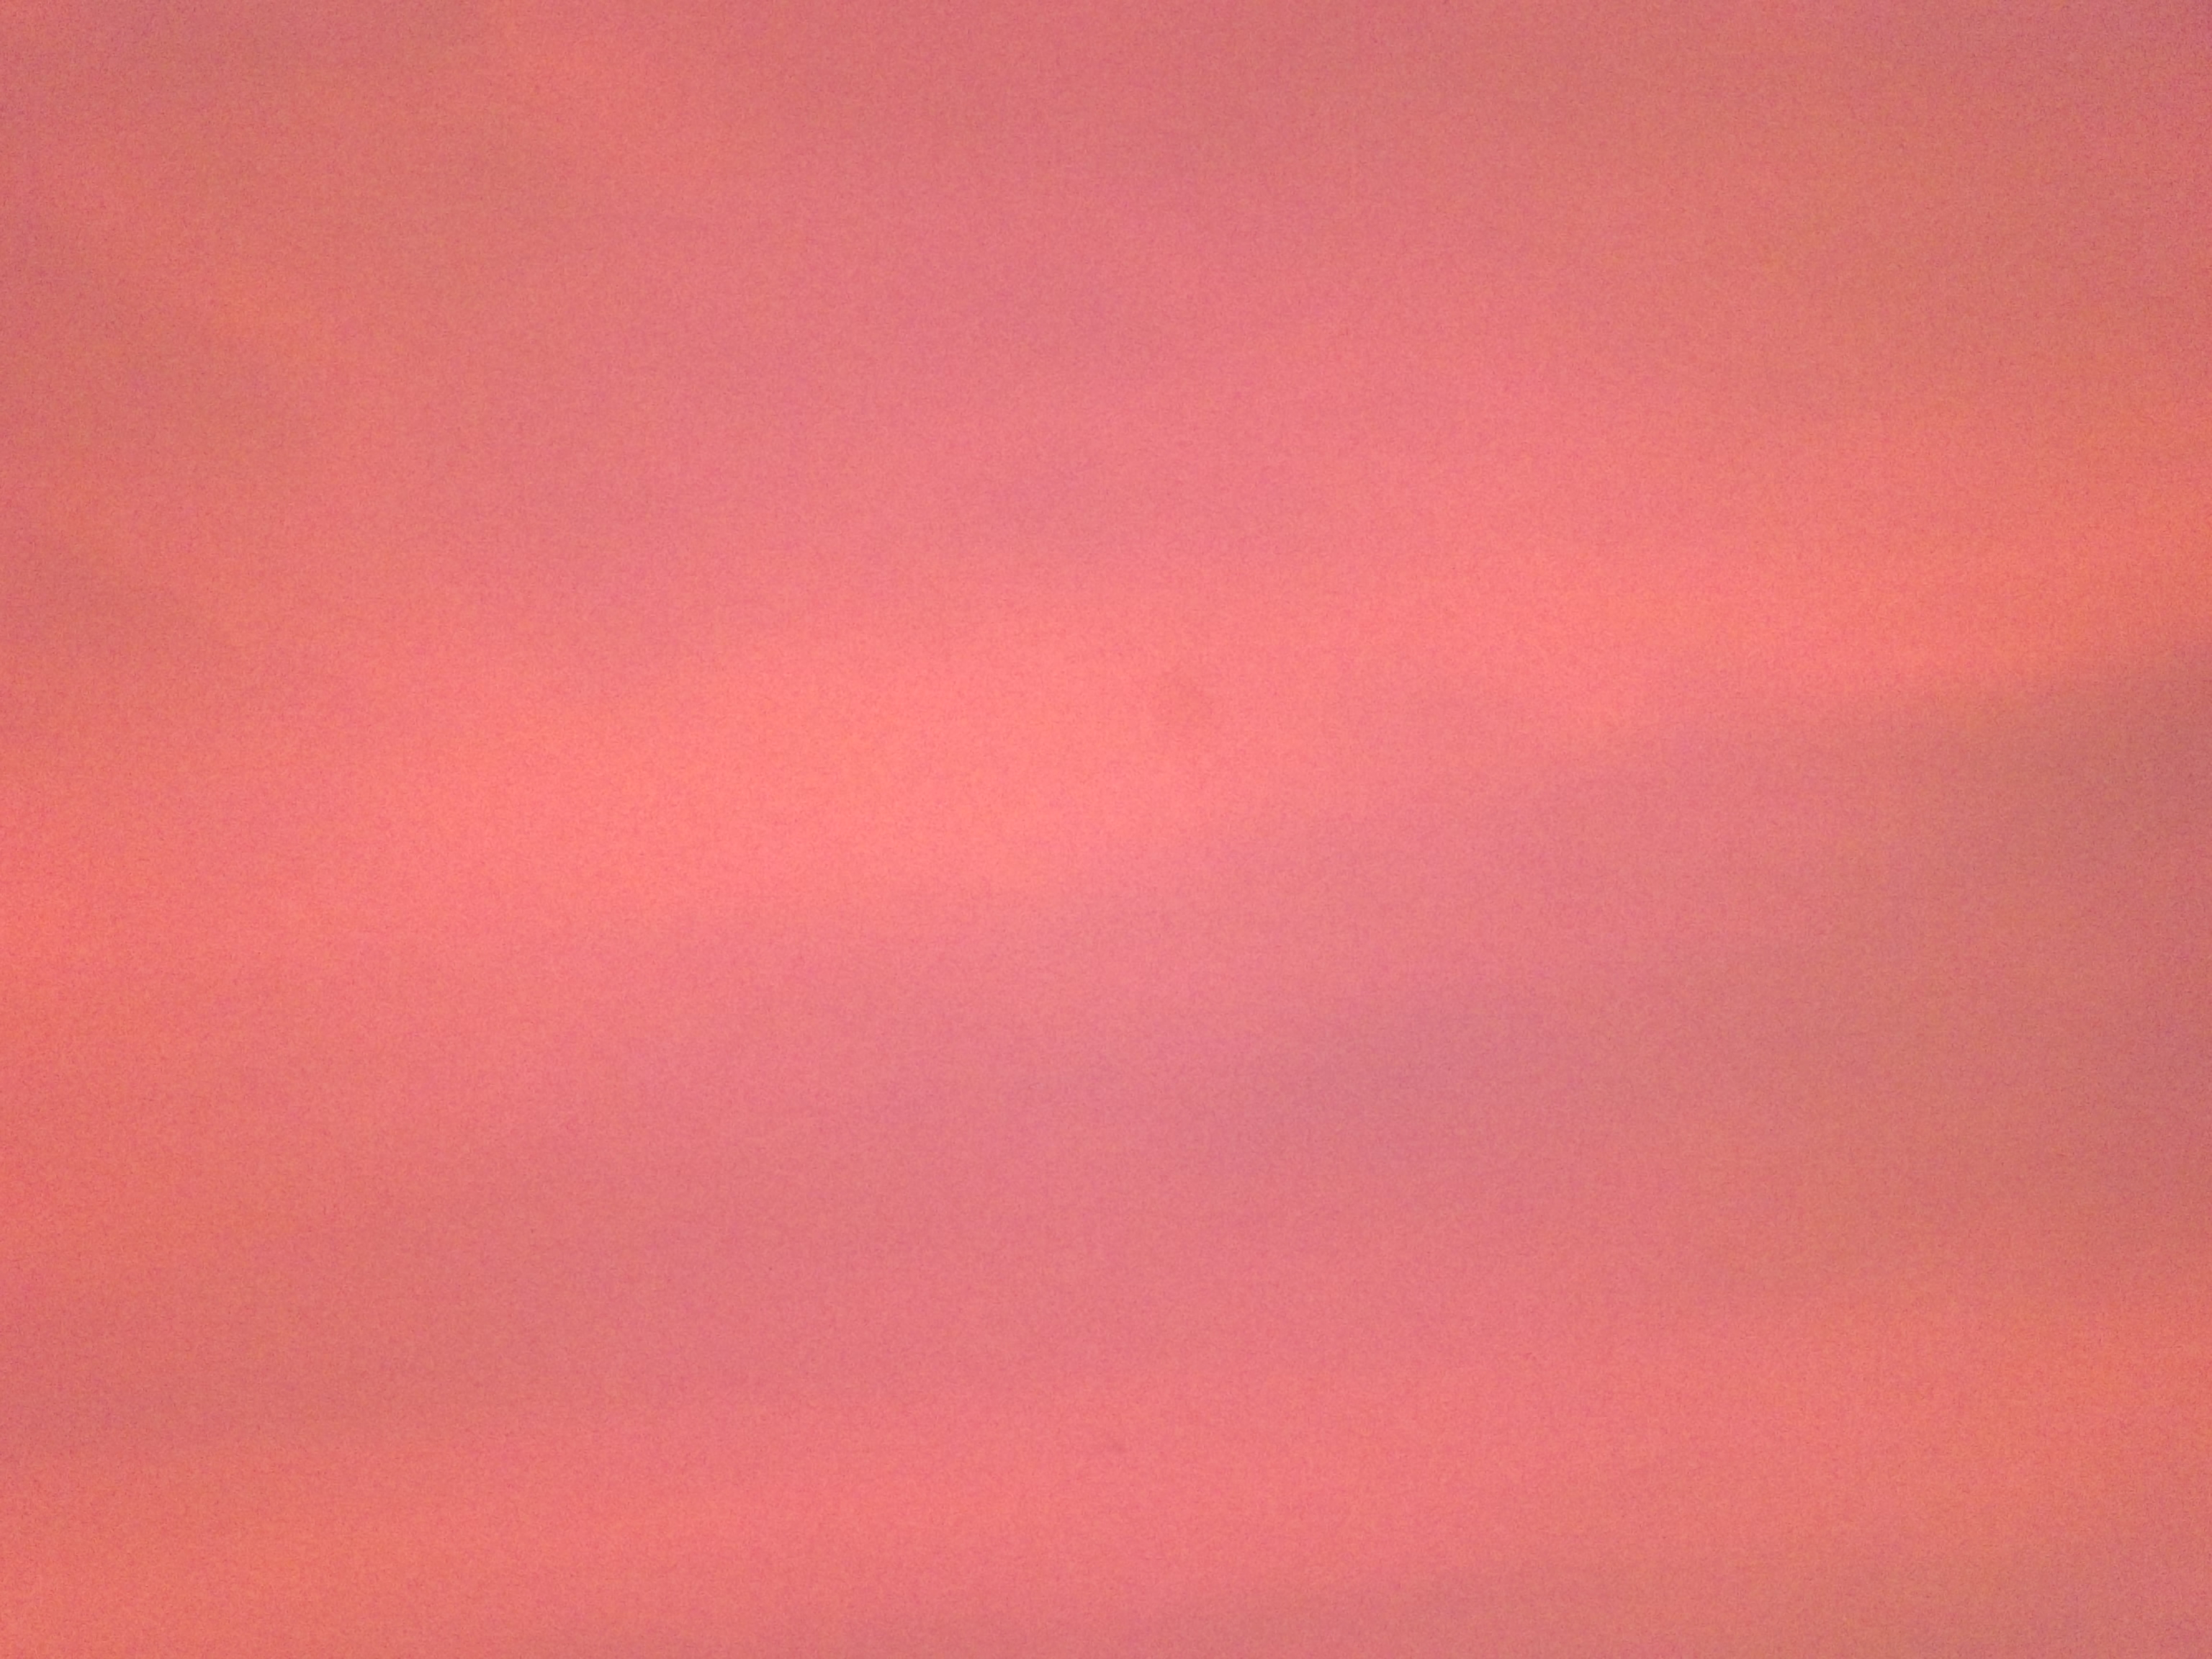 6269-himmel-wolken-rosa-blau-verlauf